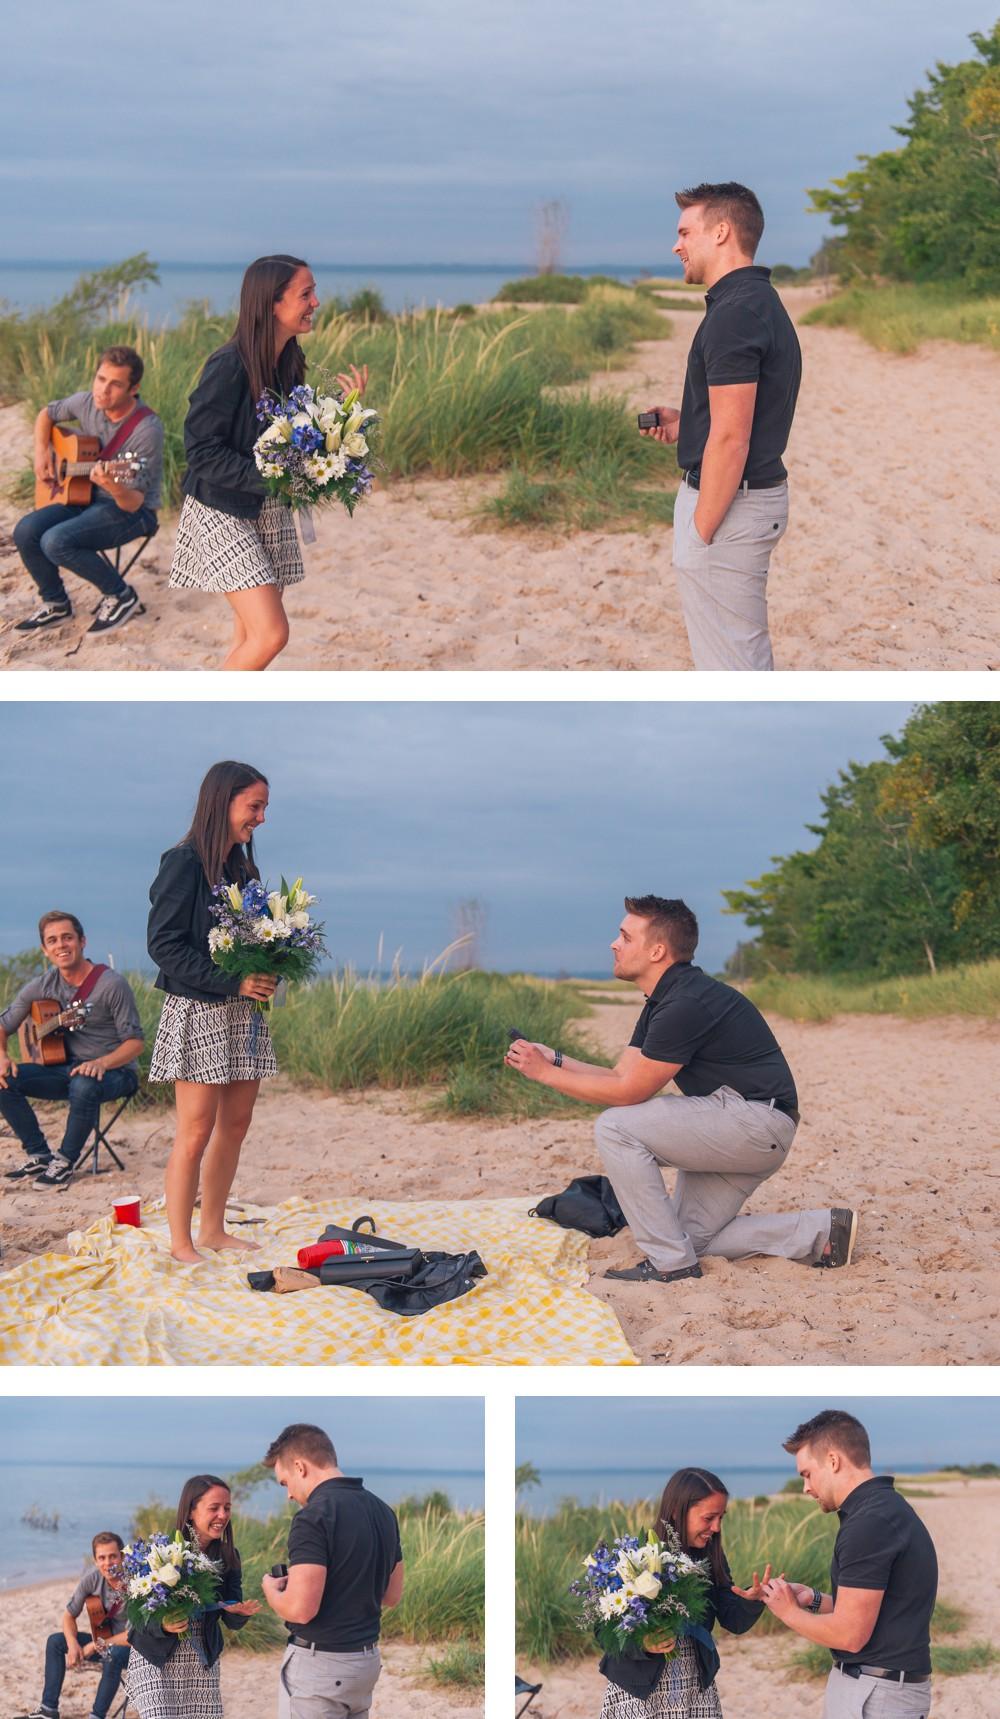 Blog - Jon + Ashleigh Surprise Proposal 08 25 18 3.jpg